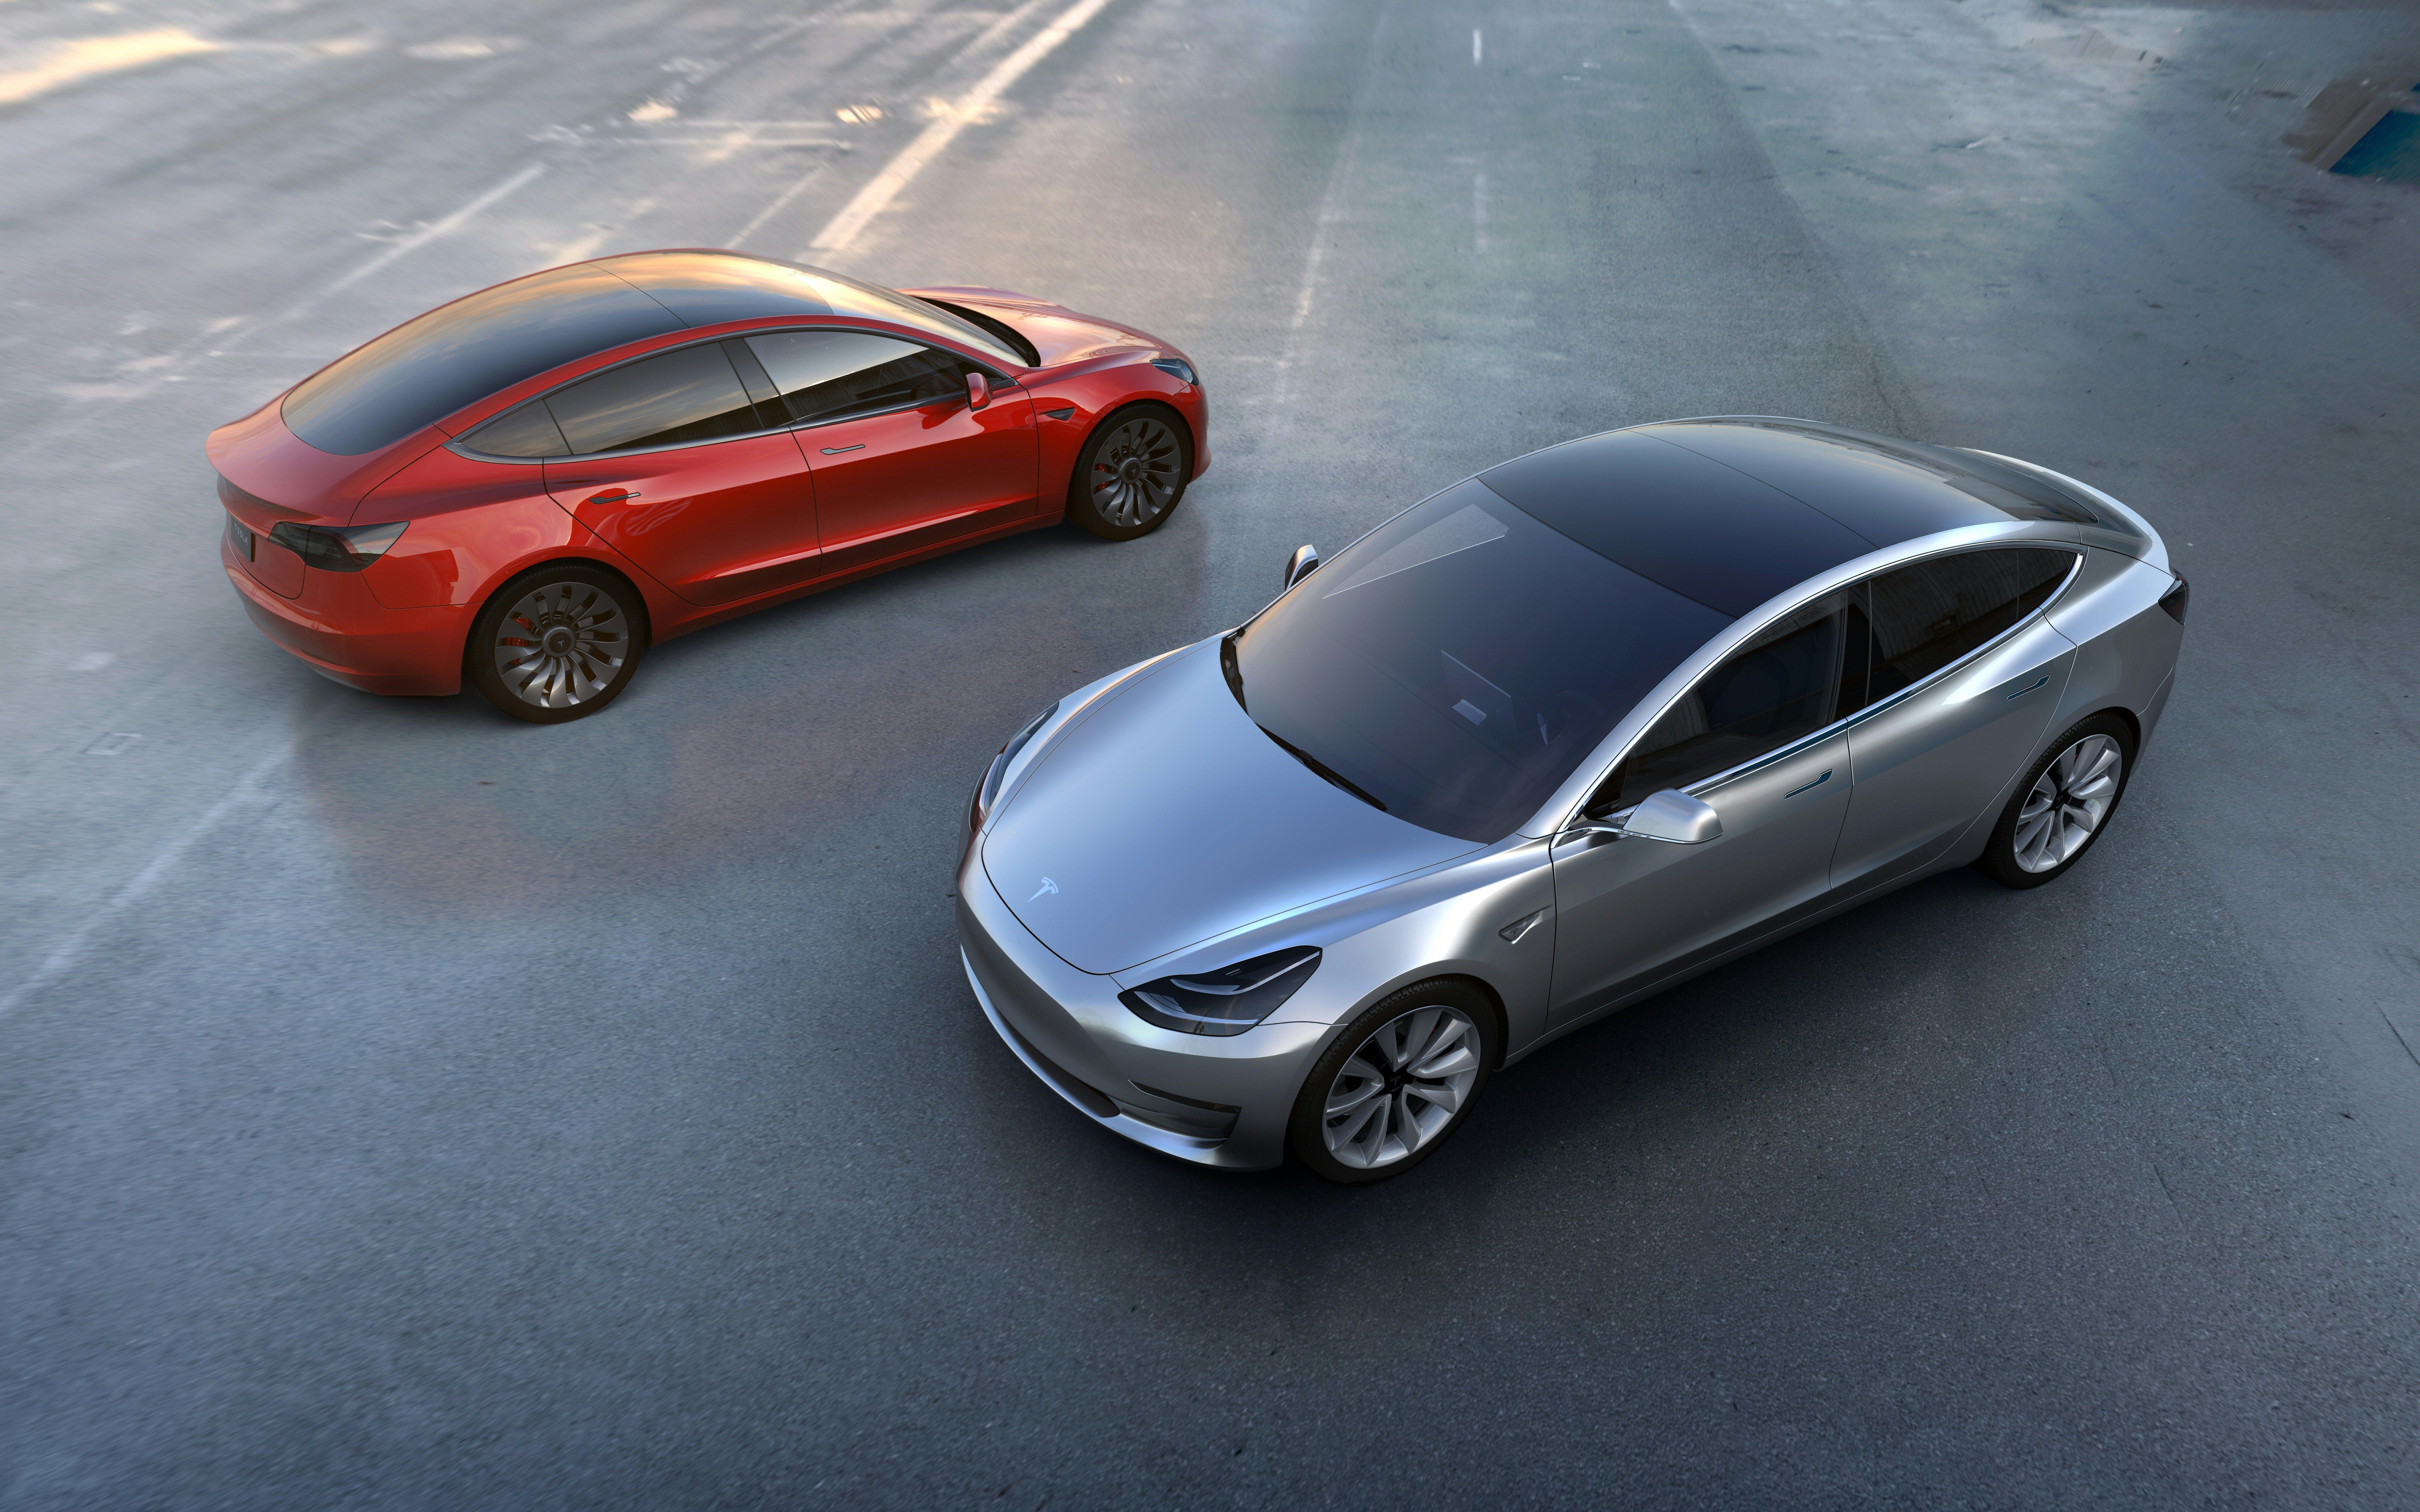 Zanimivo električno vozilo Tesla Model 3 si bo zaradi nizke cene lahko privoščila širša skupina voznikov.